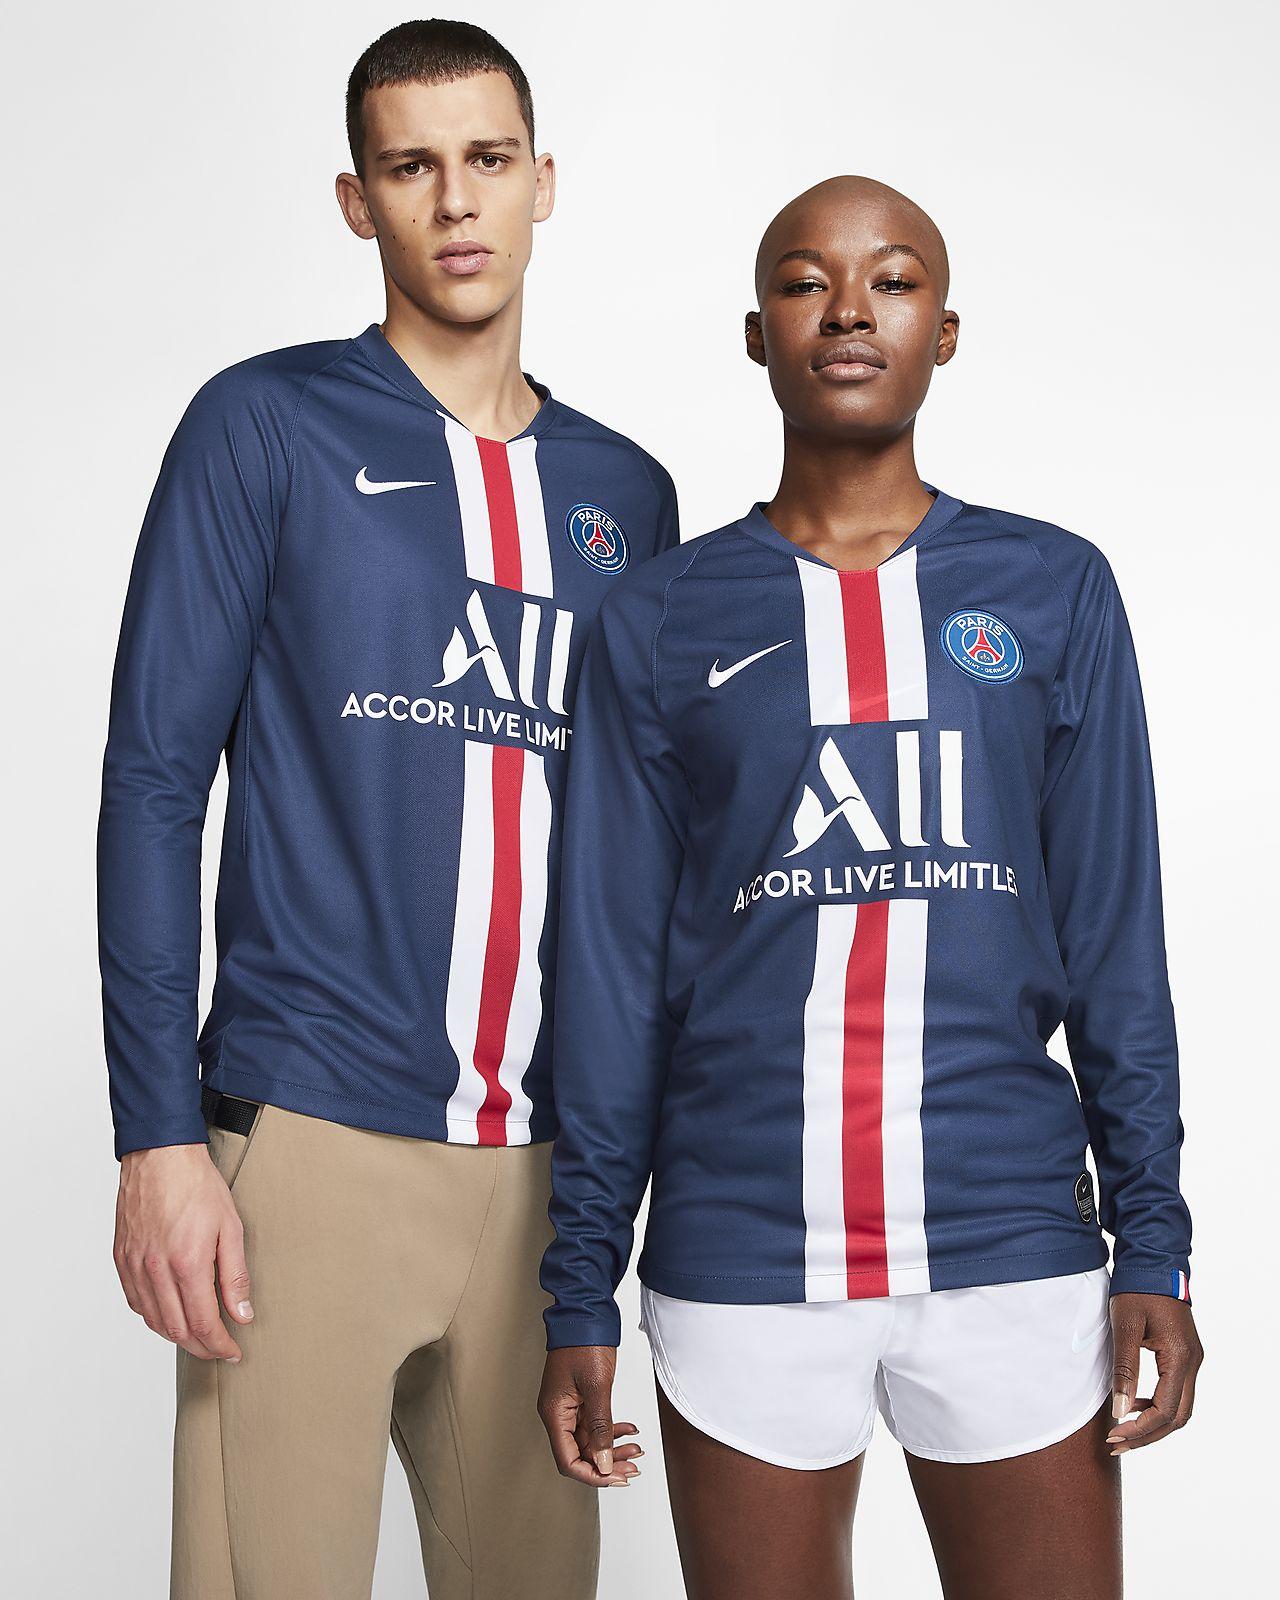 d6db6be2 ... París Saint-Germain 2019/20 1ª equipación Stadium Camiseta de fútbol de  manga larga